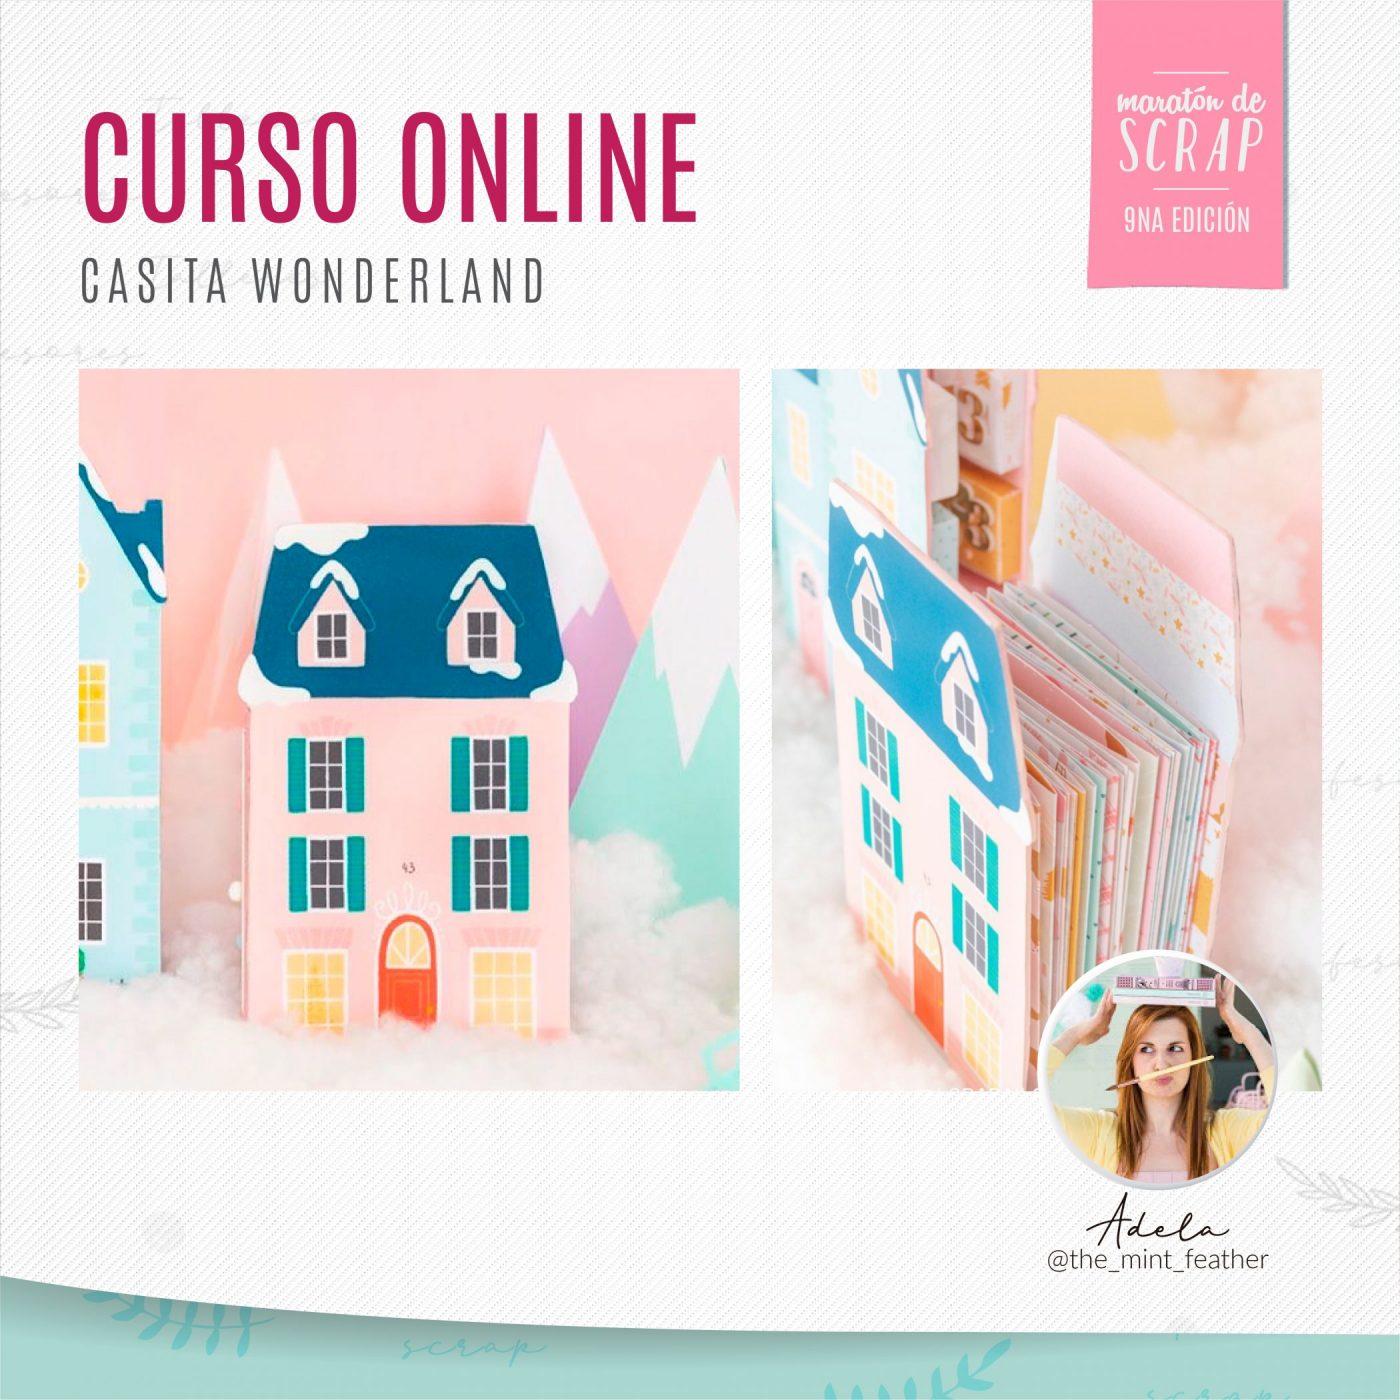 Curso online: Casita Wonderland